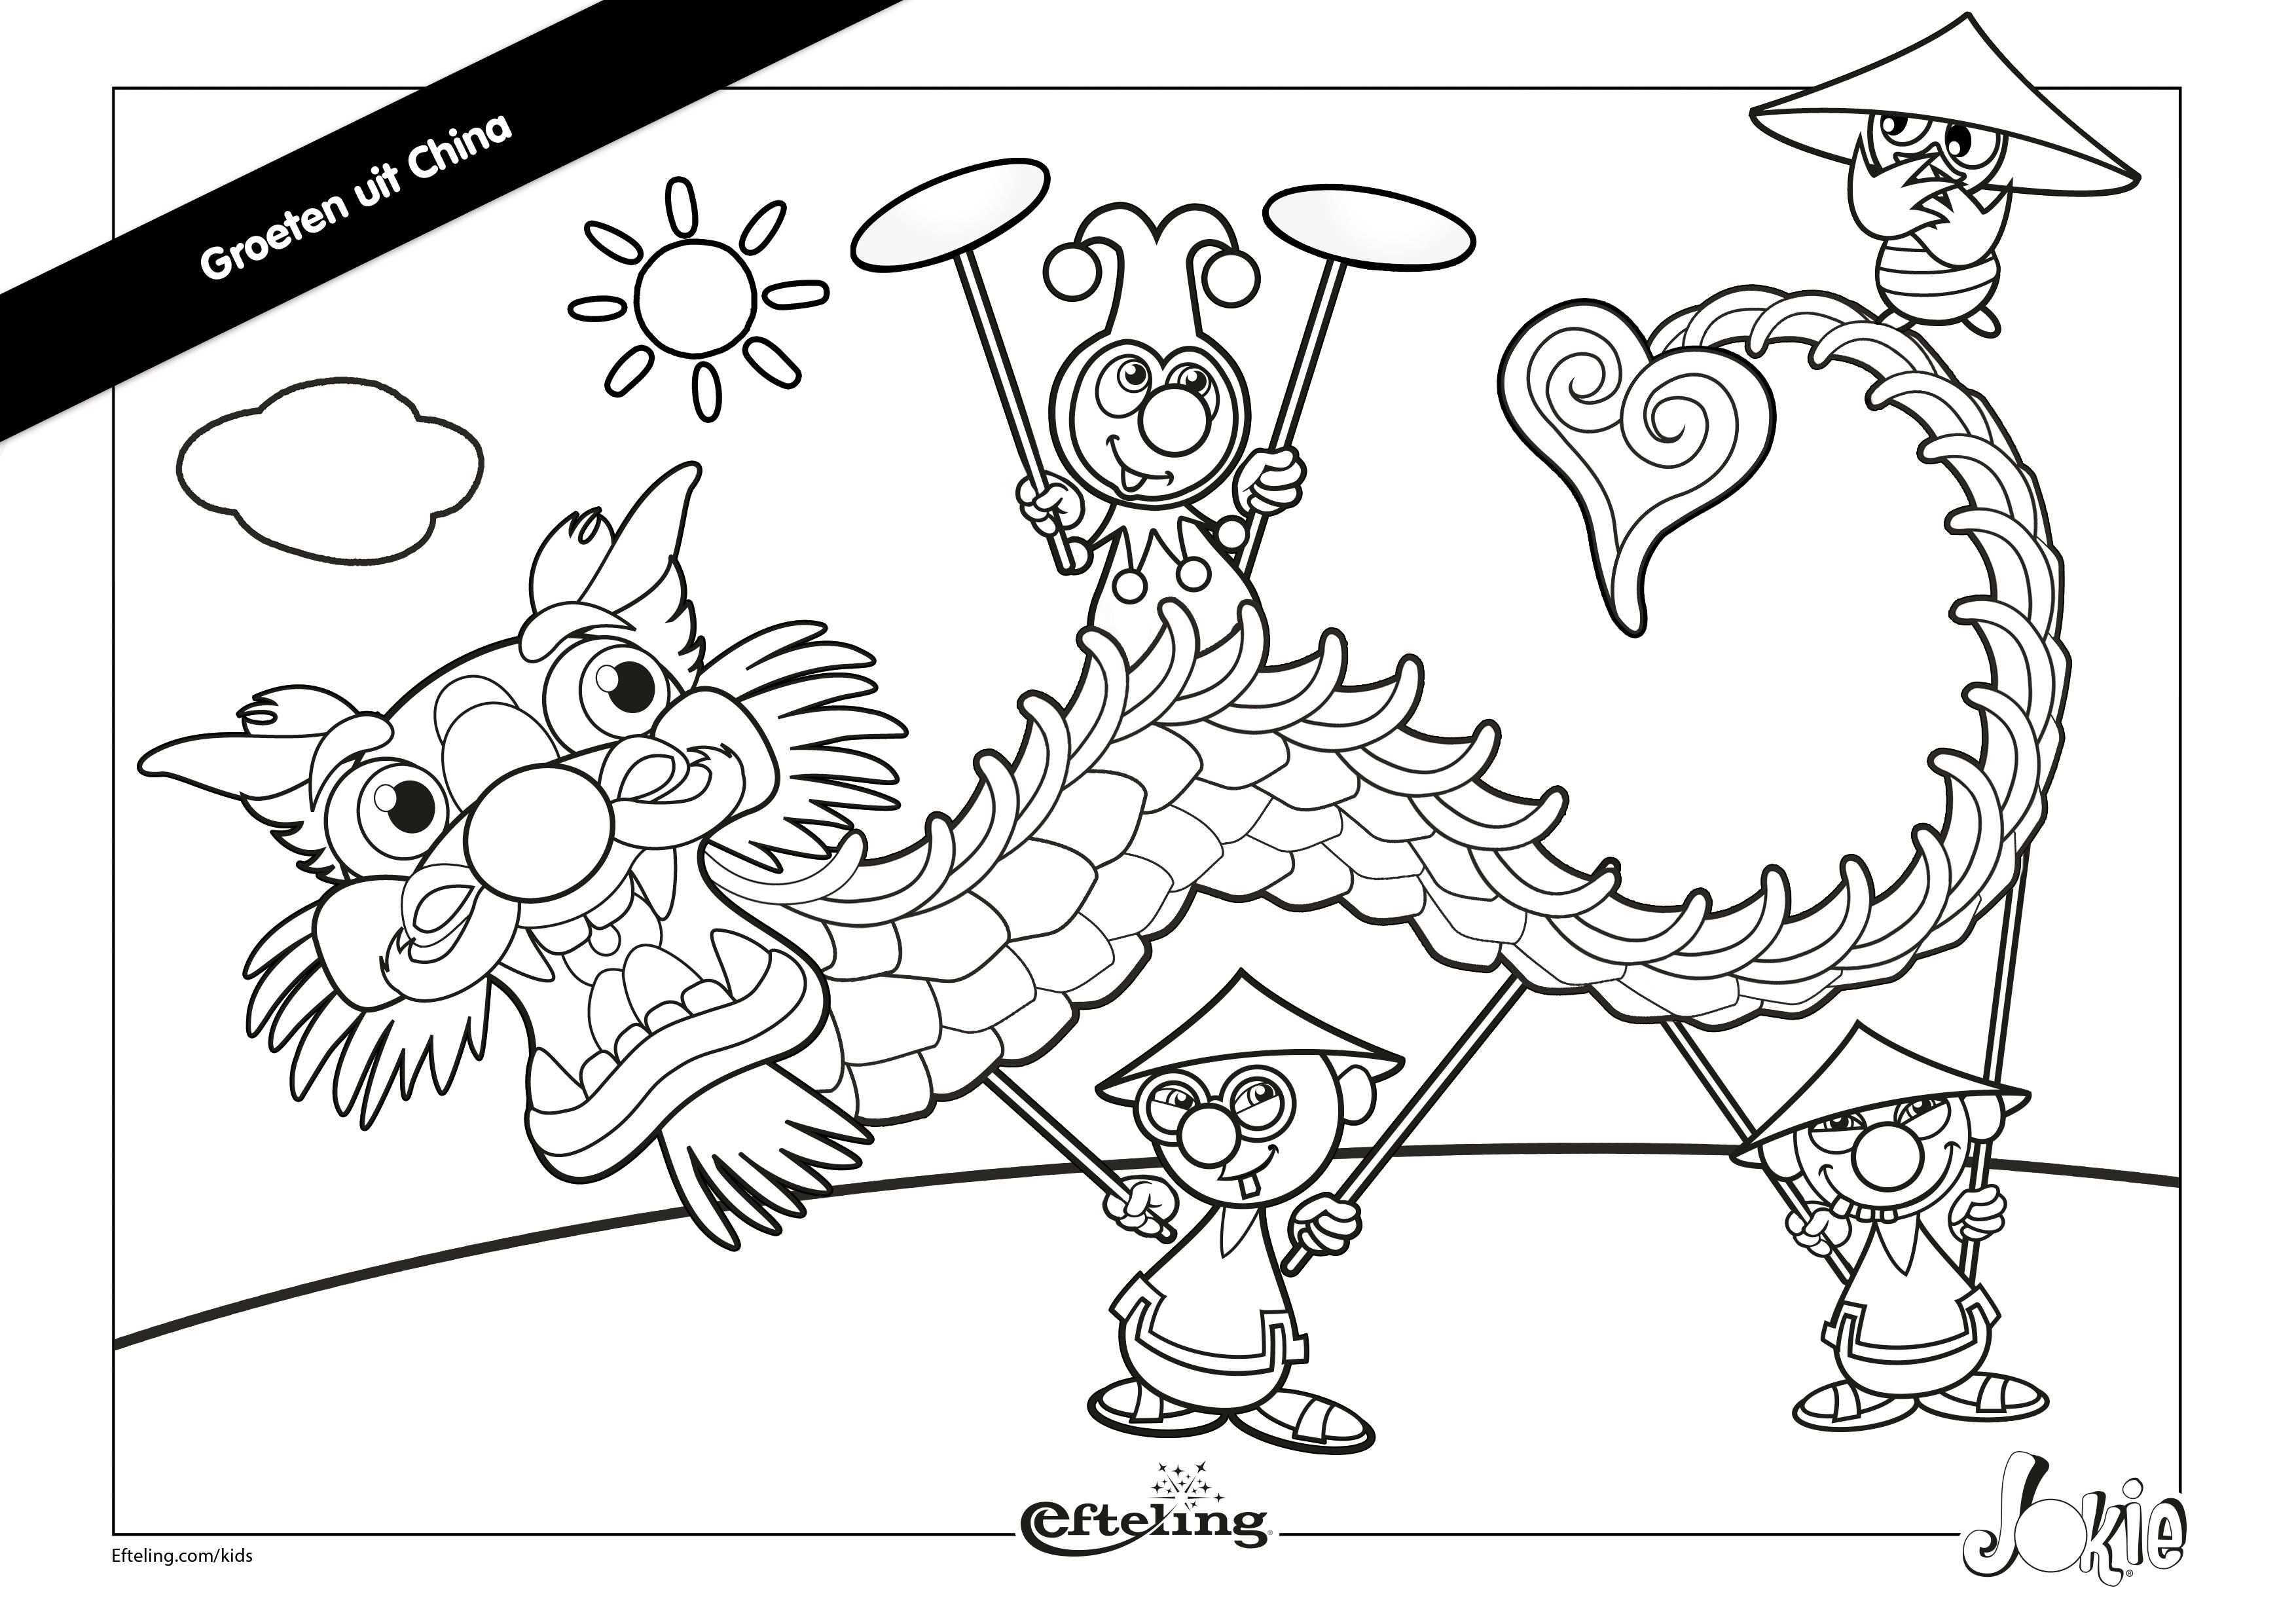 Laat Je Creativiteit Los Met Deze Kleurplaat Van Jokie In China